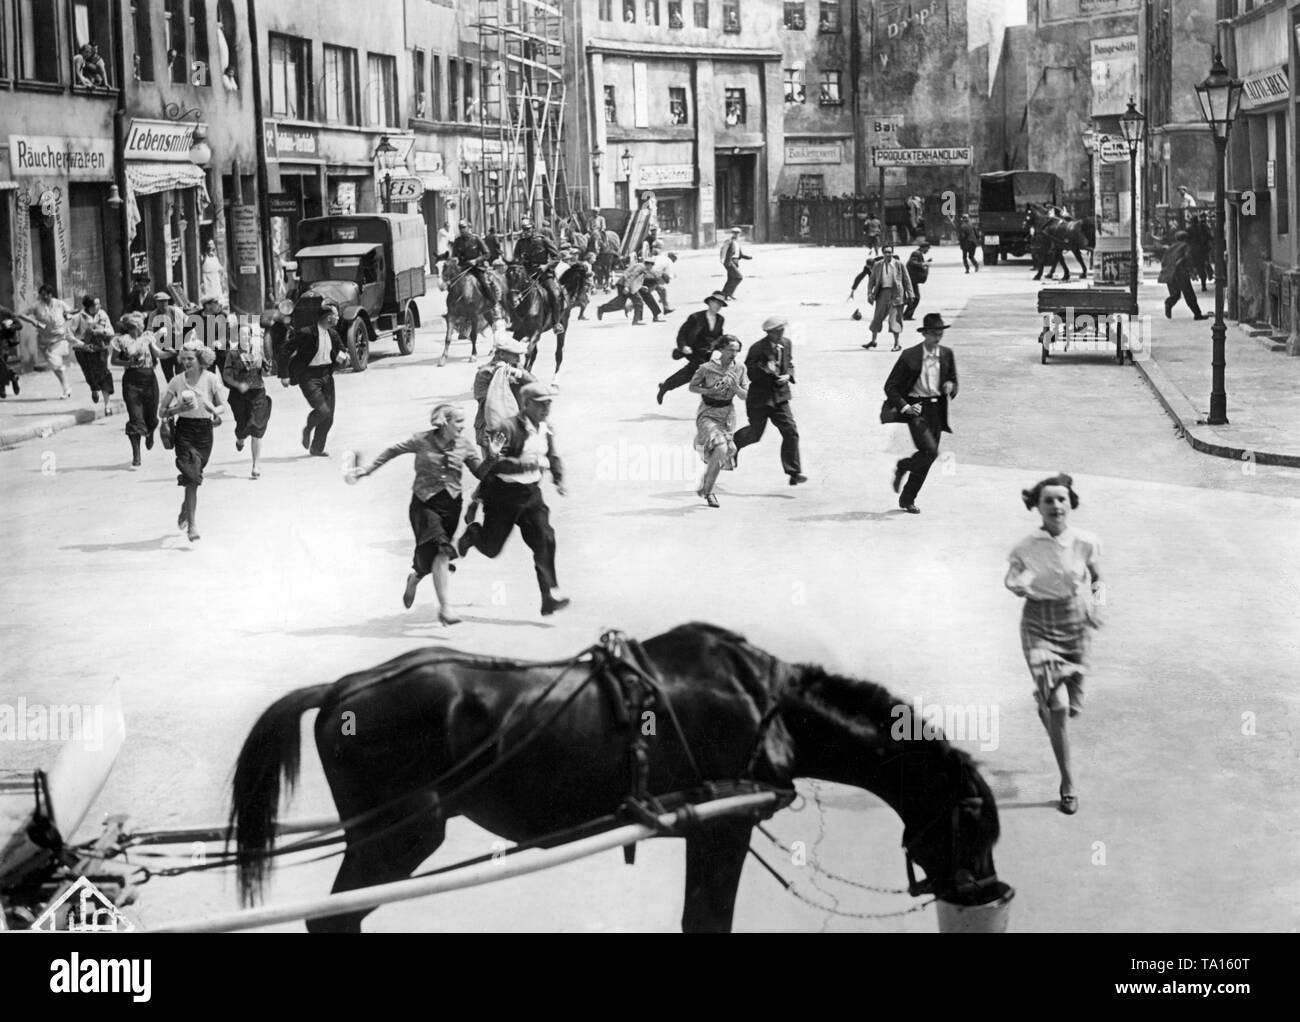 En raison des combats de rue entre la SA et l'Rotfrontkaempferbund , les forces de police sont sur place afin de dissiper la foule de personnes dans le temps. Cette photo montre deux policiers à cheval, qui dissipent une foule. Photo Stock